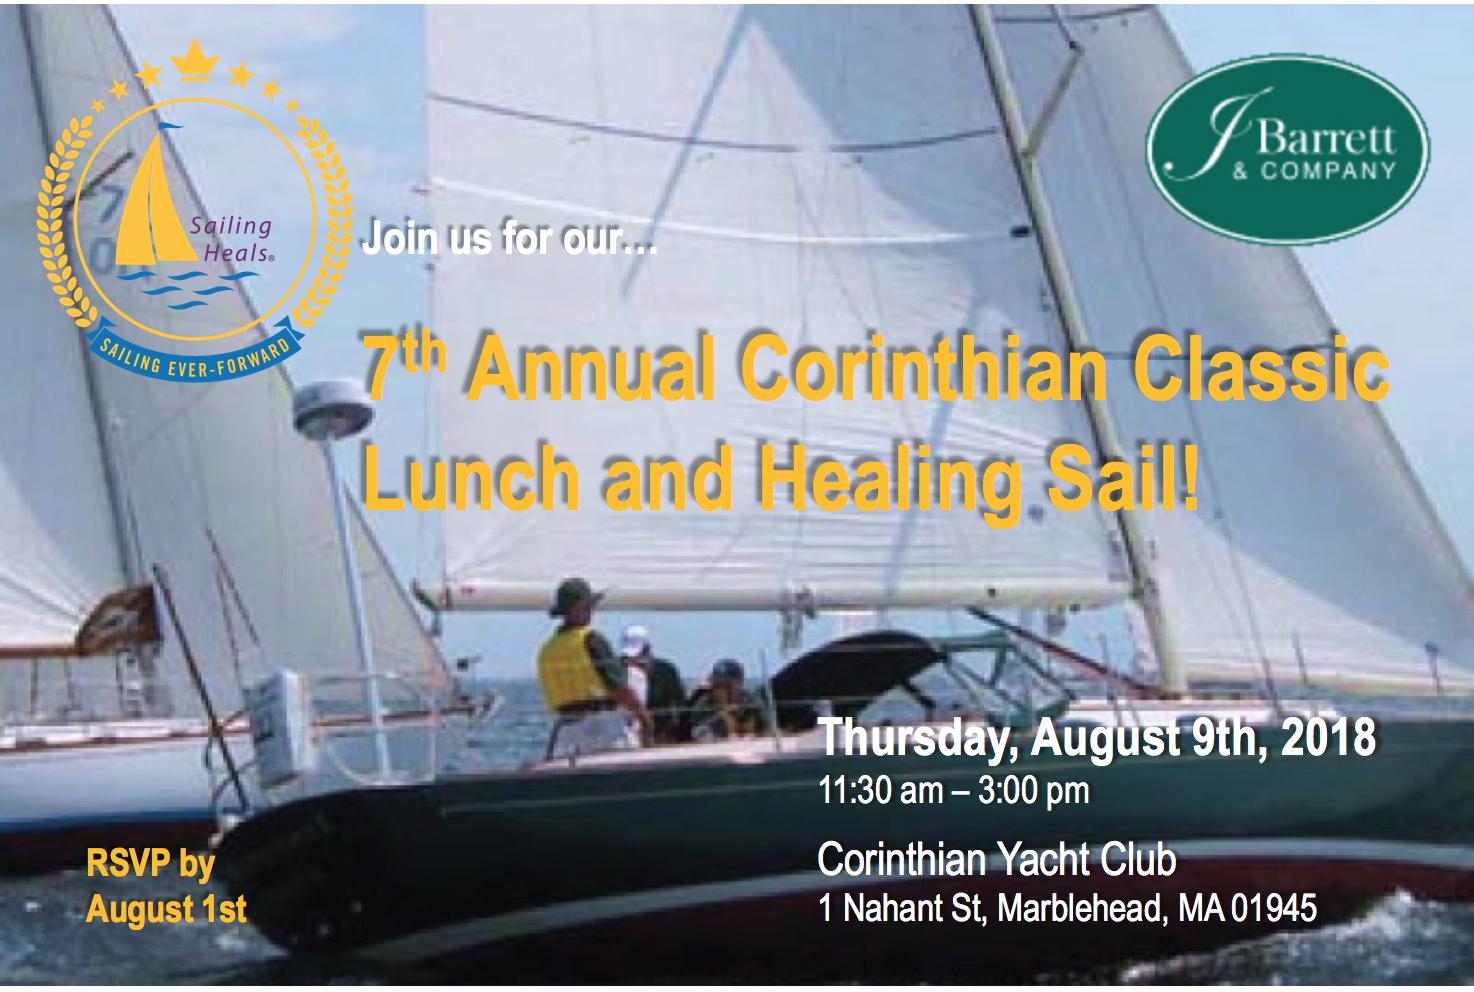 8/9/2018 Corinthian Classic Lunch and Healing Sail